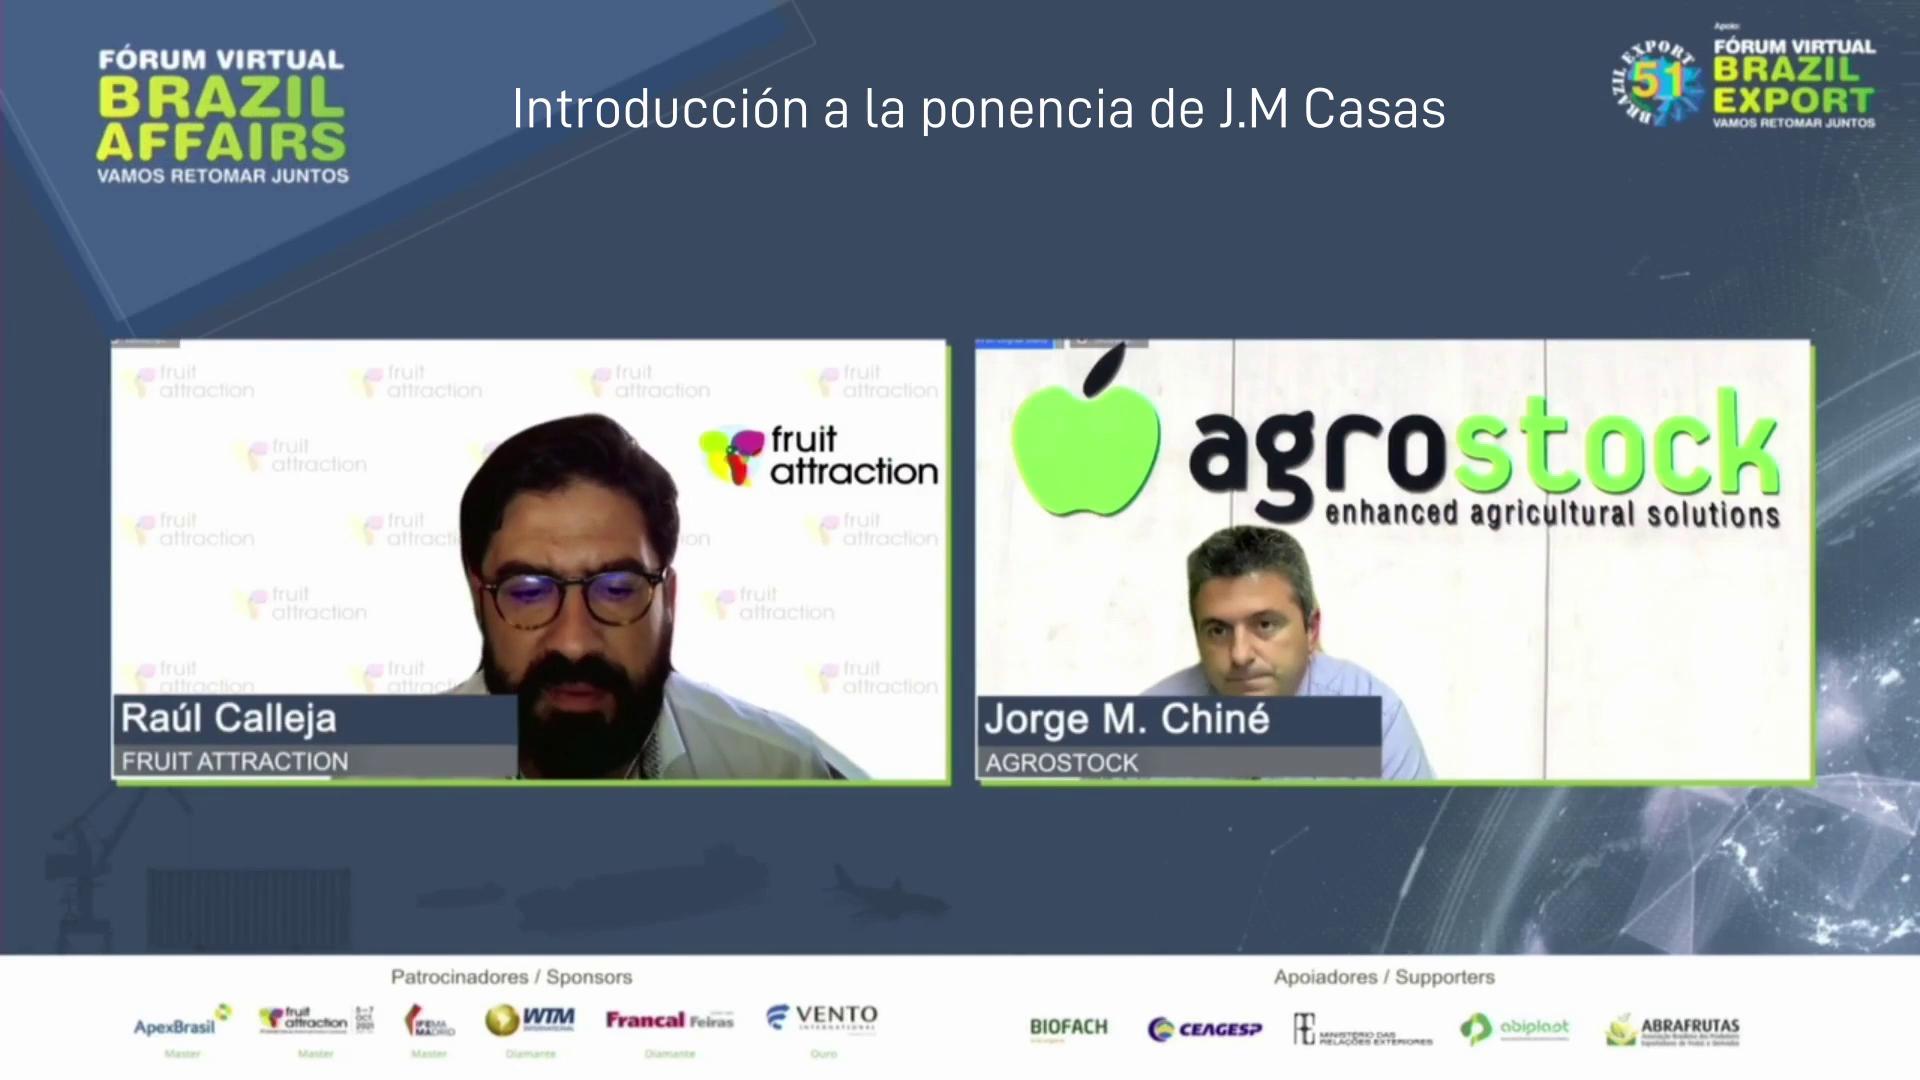 Jorge M. Casas realizó una ponencia en el foro virtual Brazil Affairs